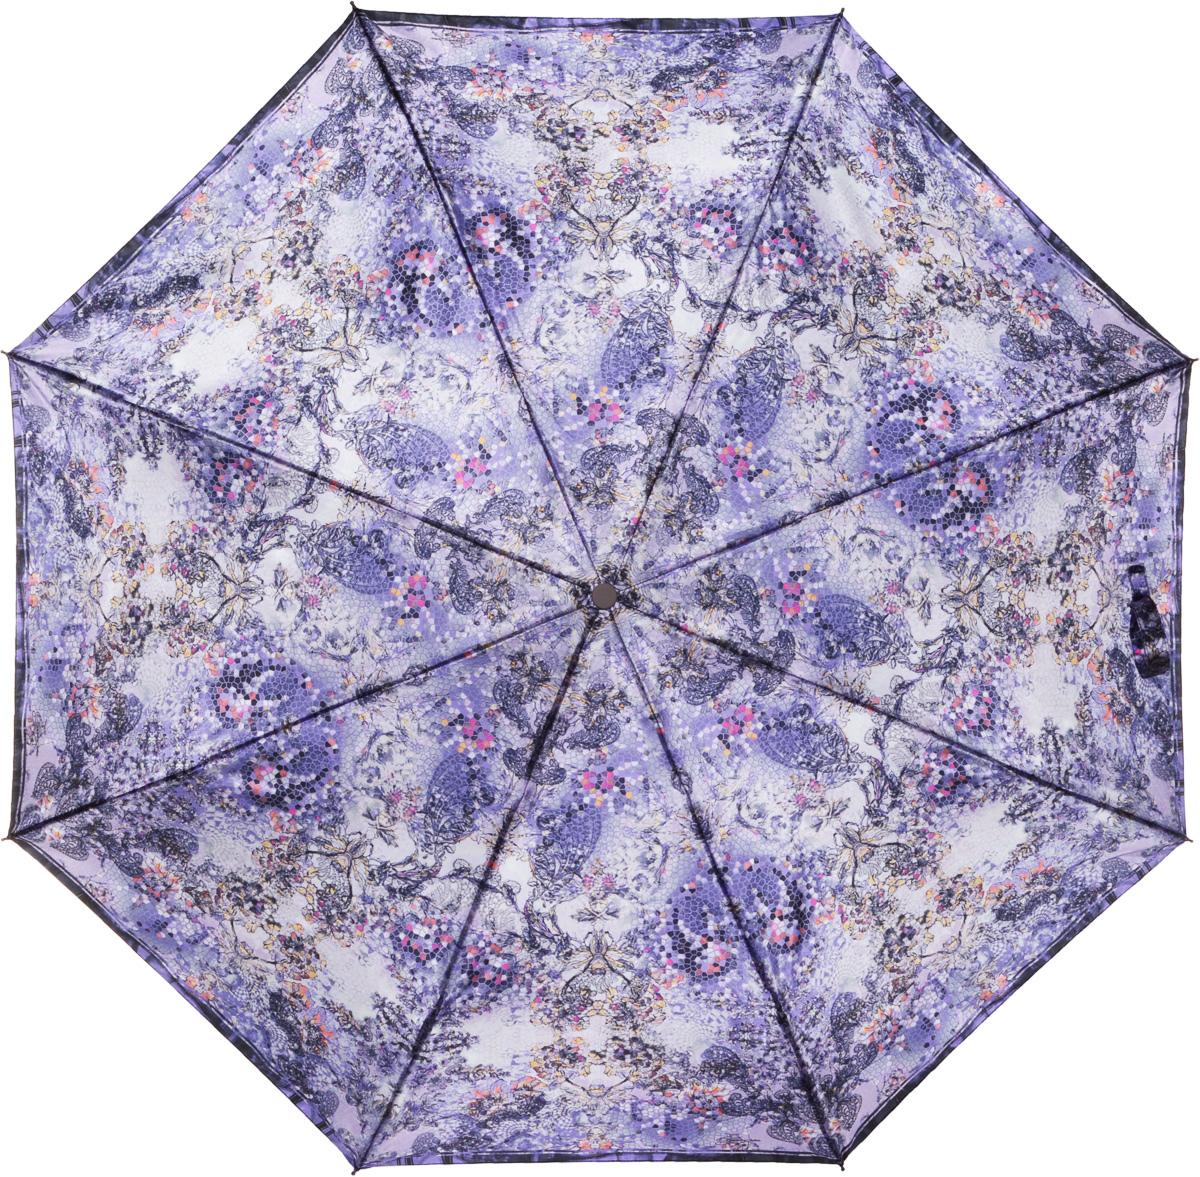 Зонт женский Eleganzza, автомат, 3 сложения, цвет: лиловый. A3-05-0275LA3-05-0275LЖенский зонт-автомат. Материал купола 100% полиэстер, сатин. Материал каркаса: сталь + фибергласс. Материал ручки: пластик. Длина изделия - 30 см, диаметр купола - 105 см.